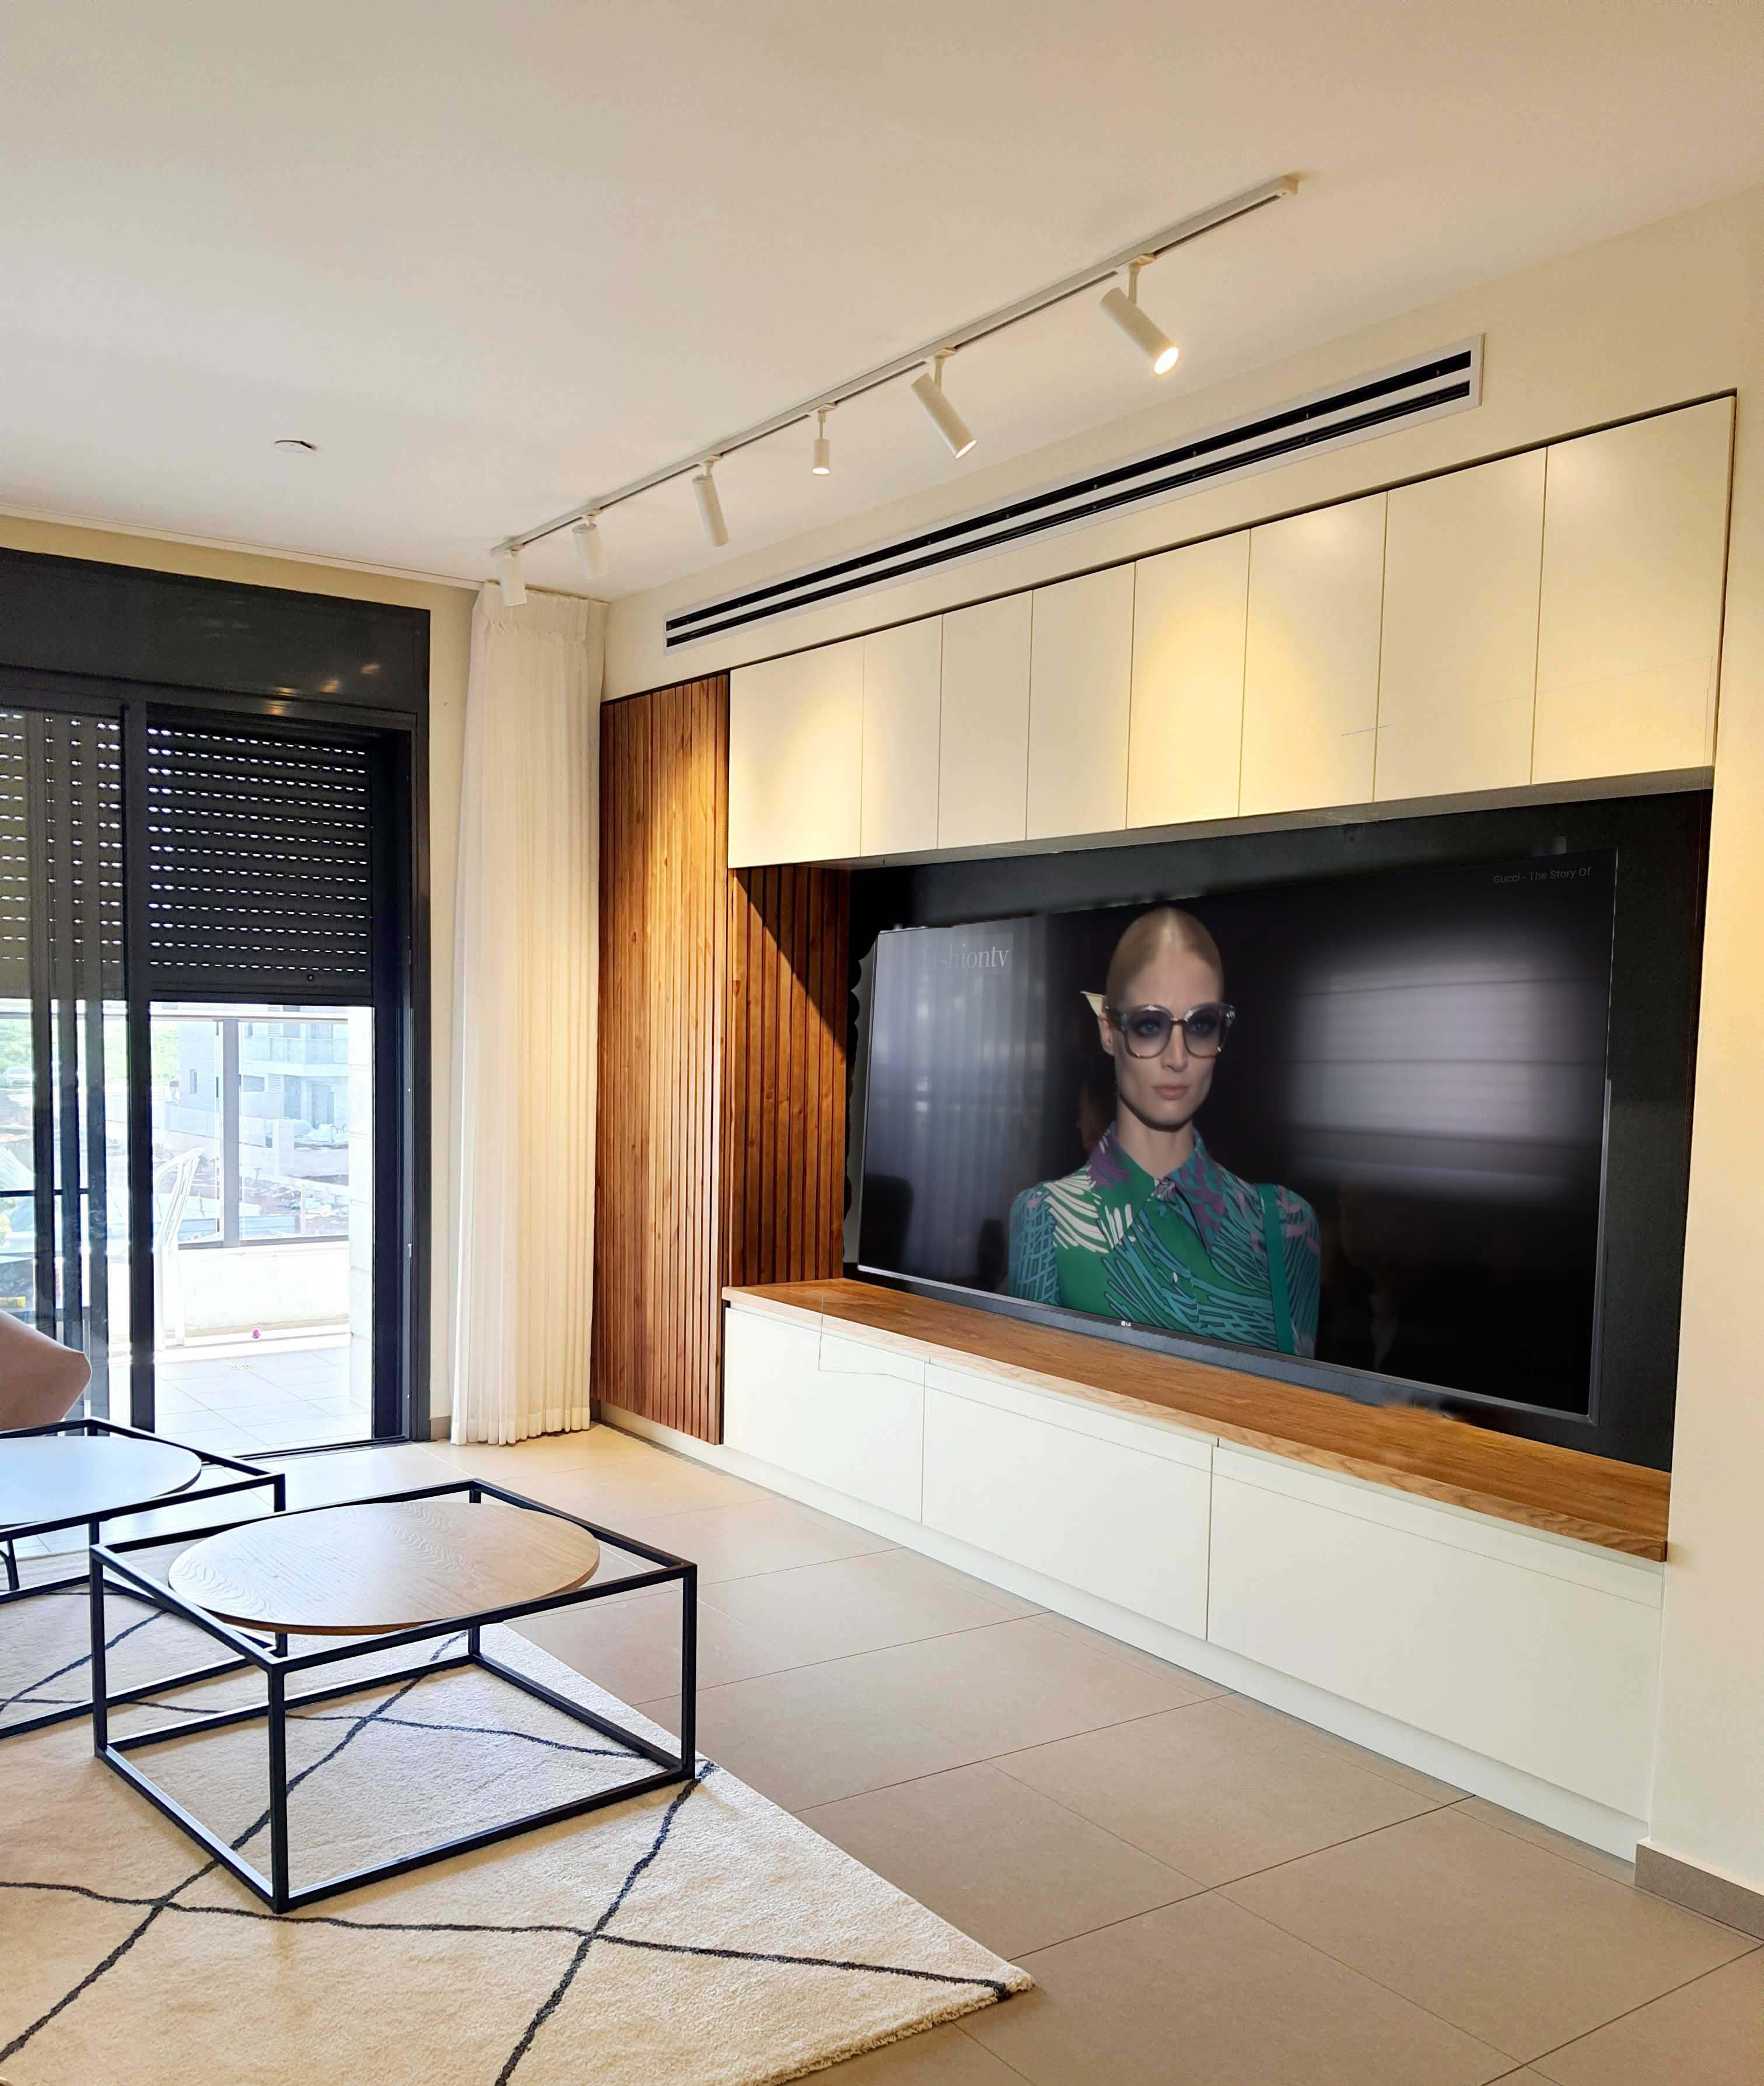 קיר טלויזיה עם סרגלי עץ